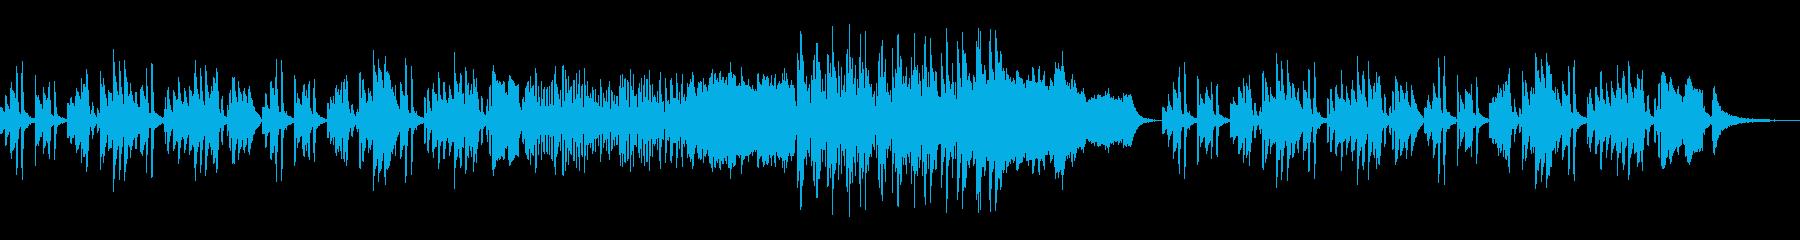 ほのぼのしたかわいい雰囲気のBGMの再生済みの波形